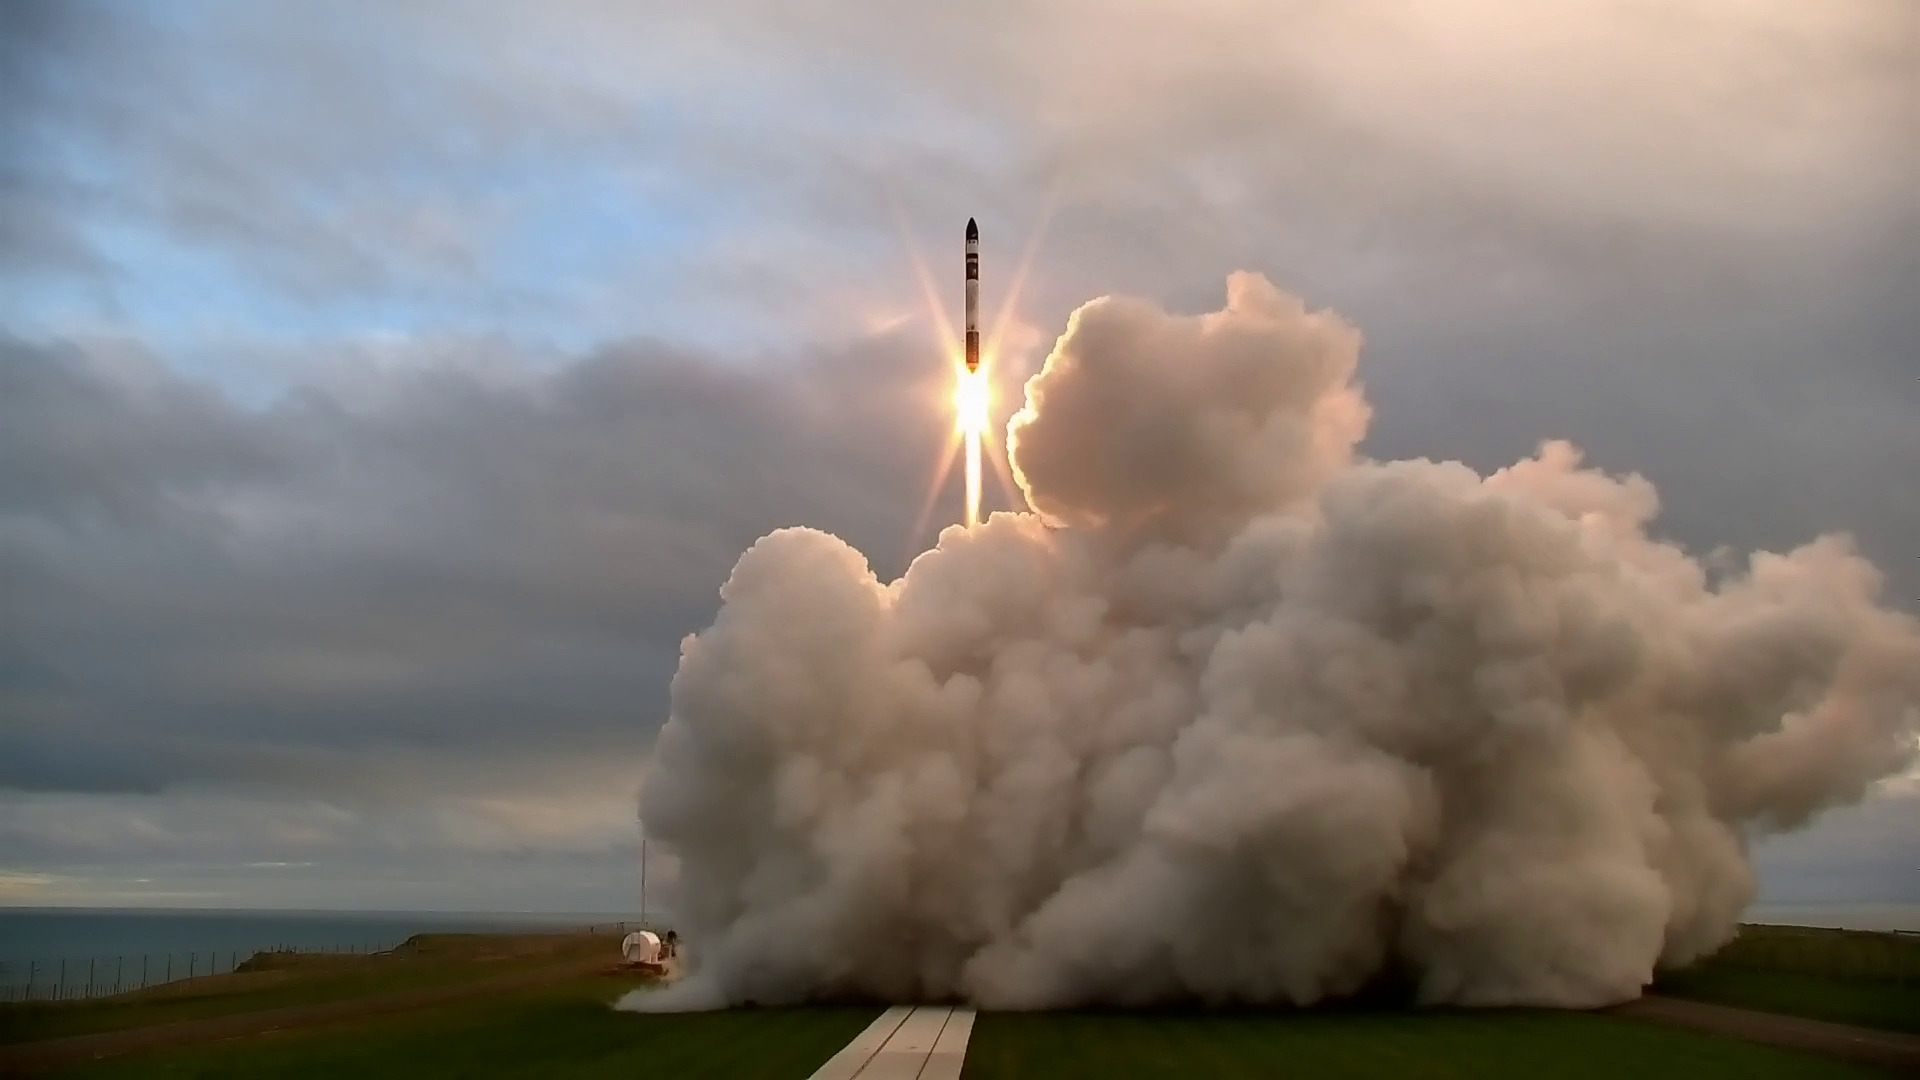 Details of Hawke's Bay's Rocket Lab's next mission revealed